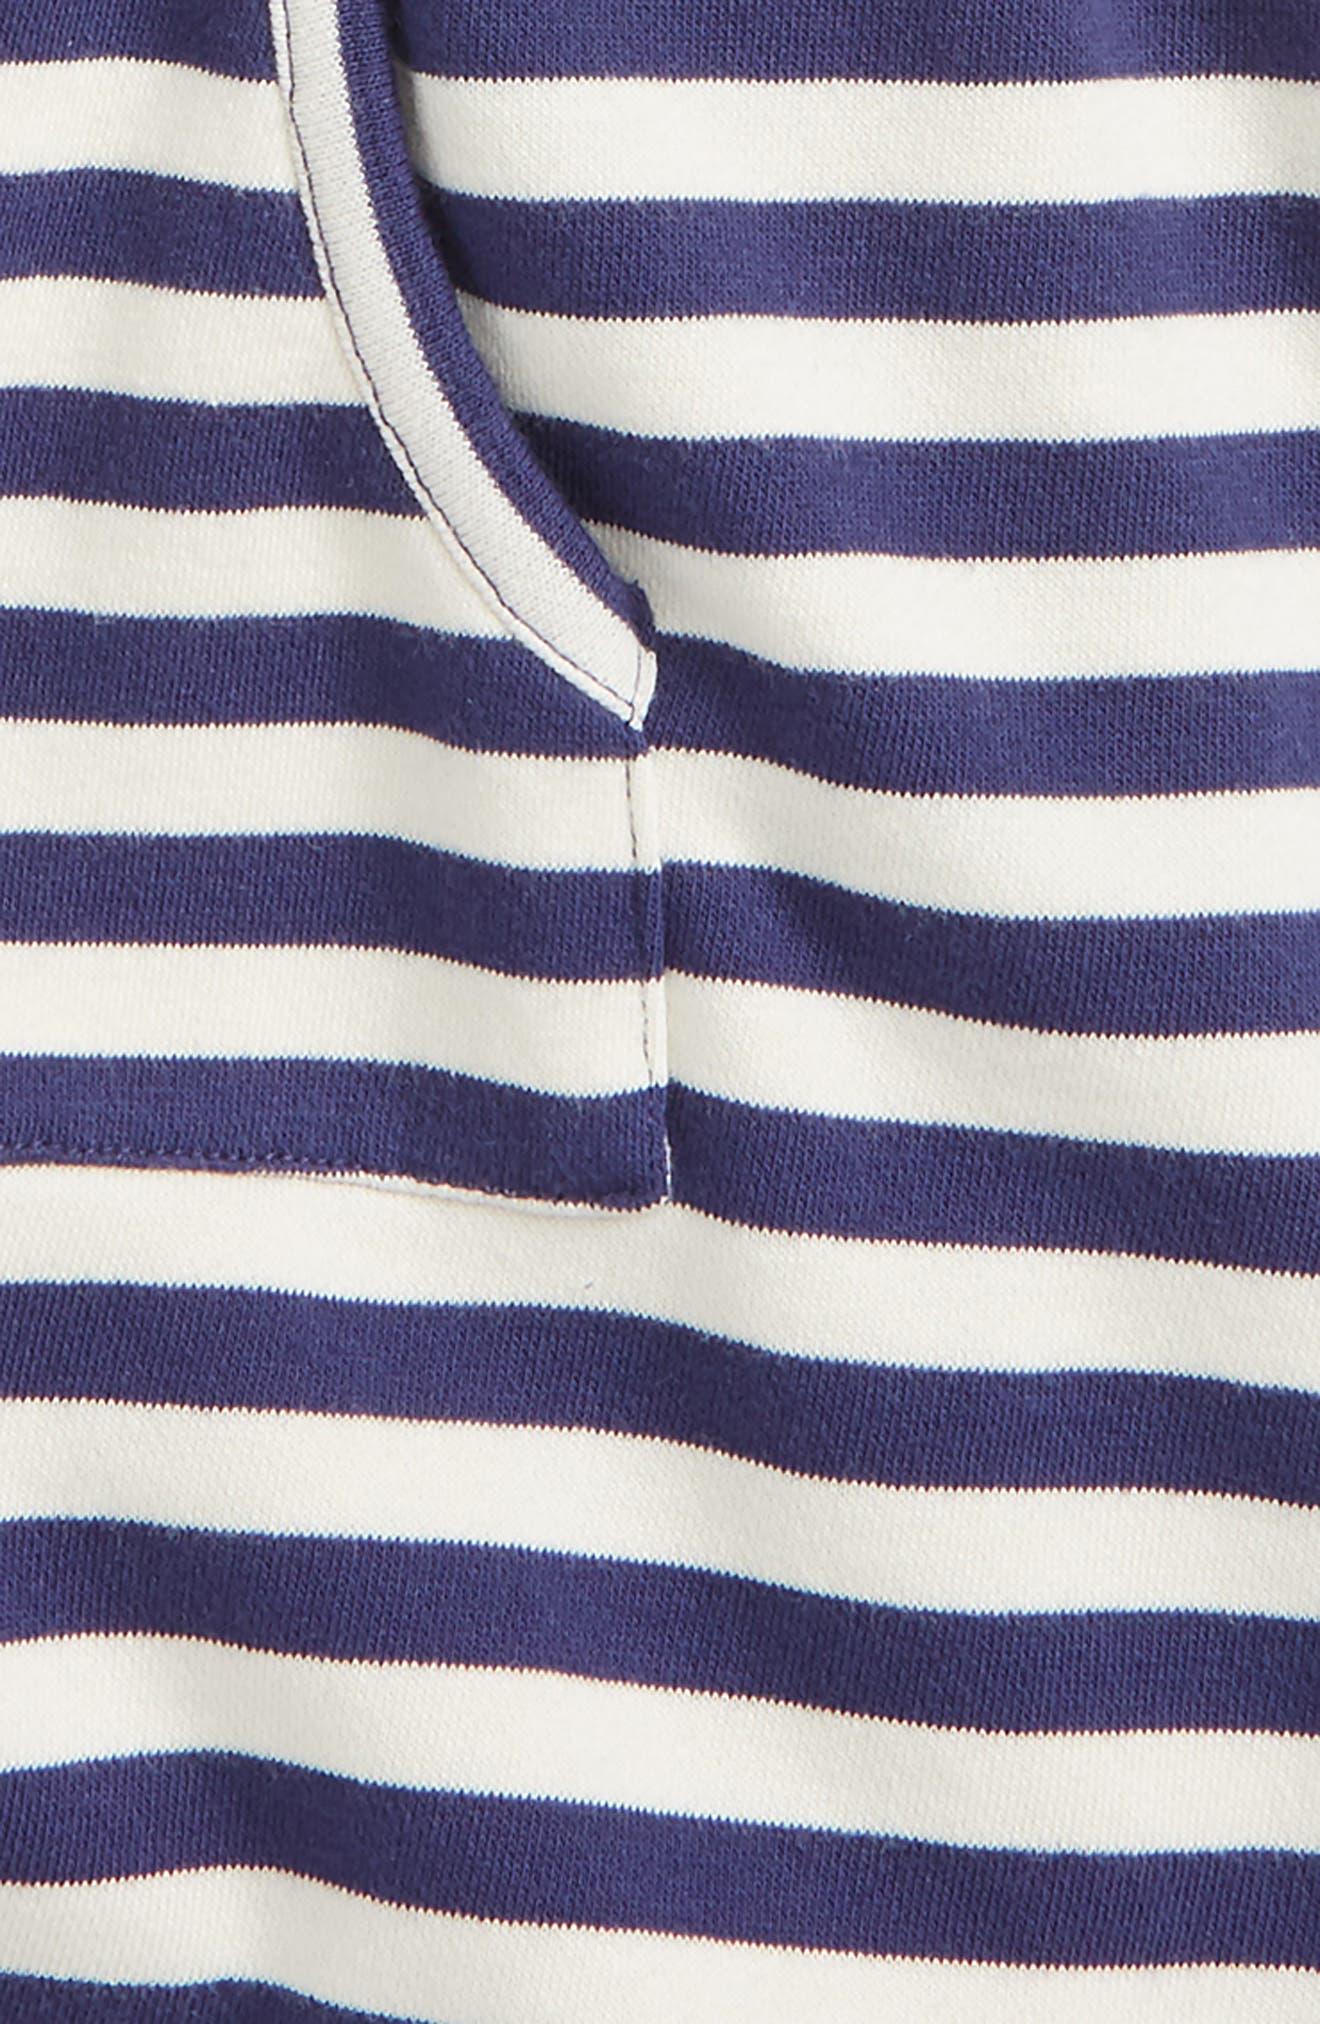 Stripe Skort,                             Alternate thumbnail 2, color,                             410